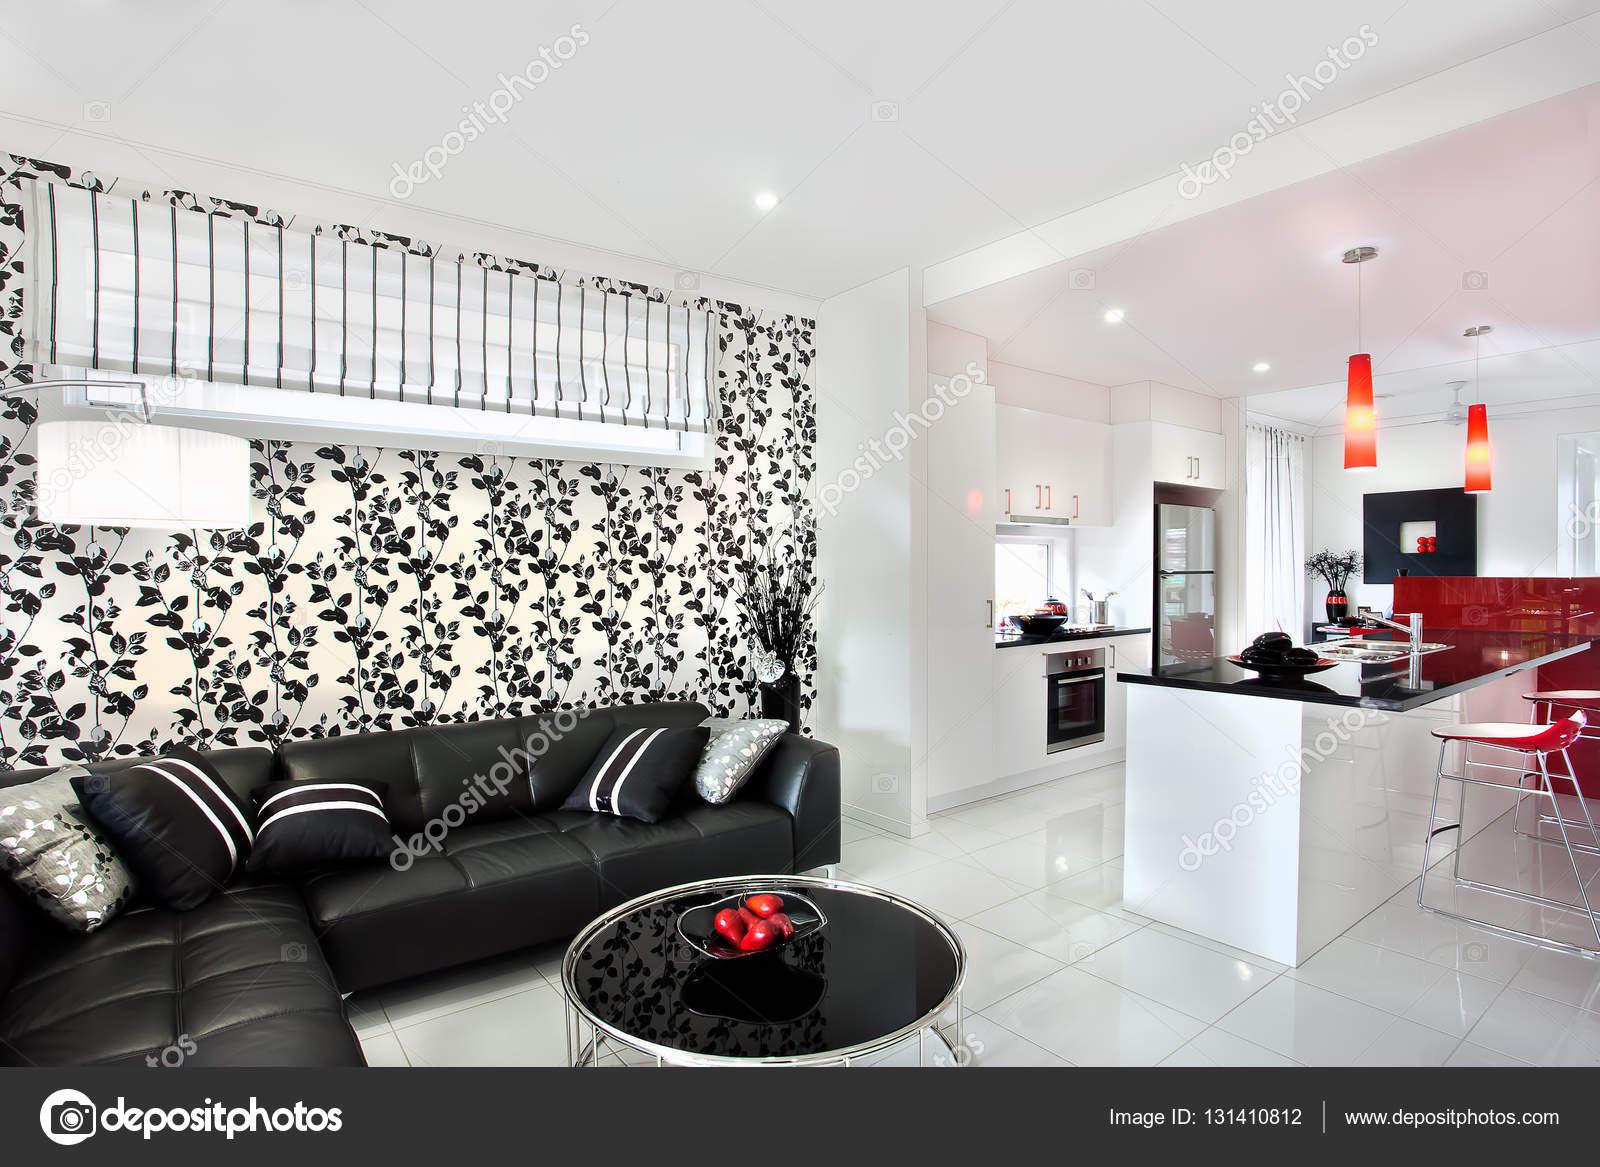 https://st3.depositphotos.com/1040772/13141/i/1600/depositphotos_131410812-stockafbeelding-woonkamer-decoratie-met-behulp-van.jpg